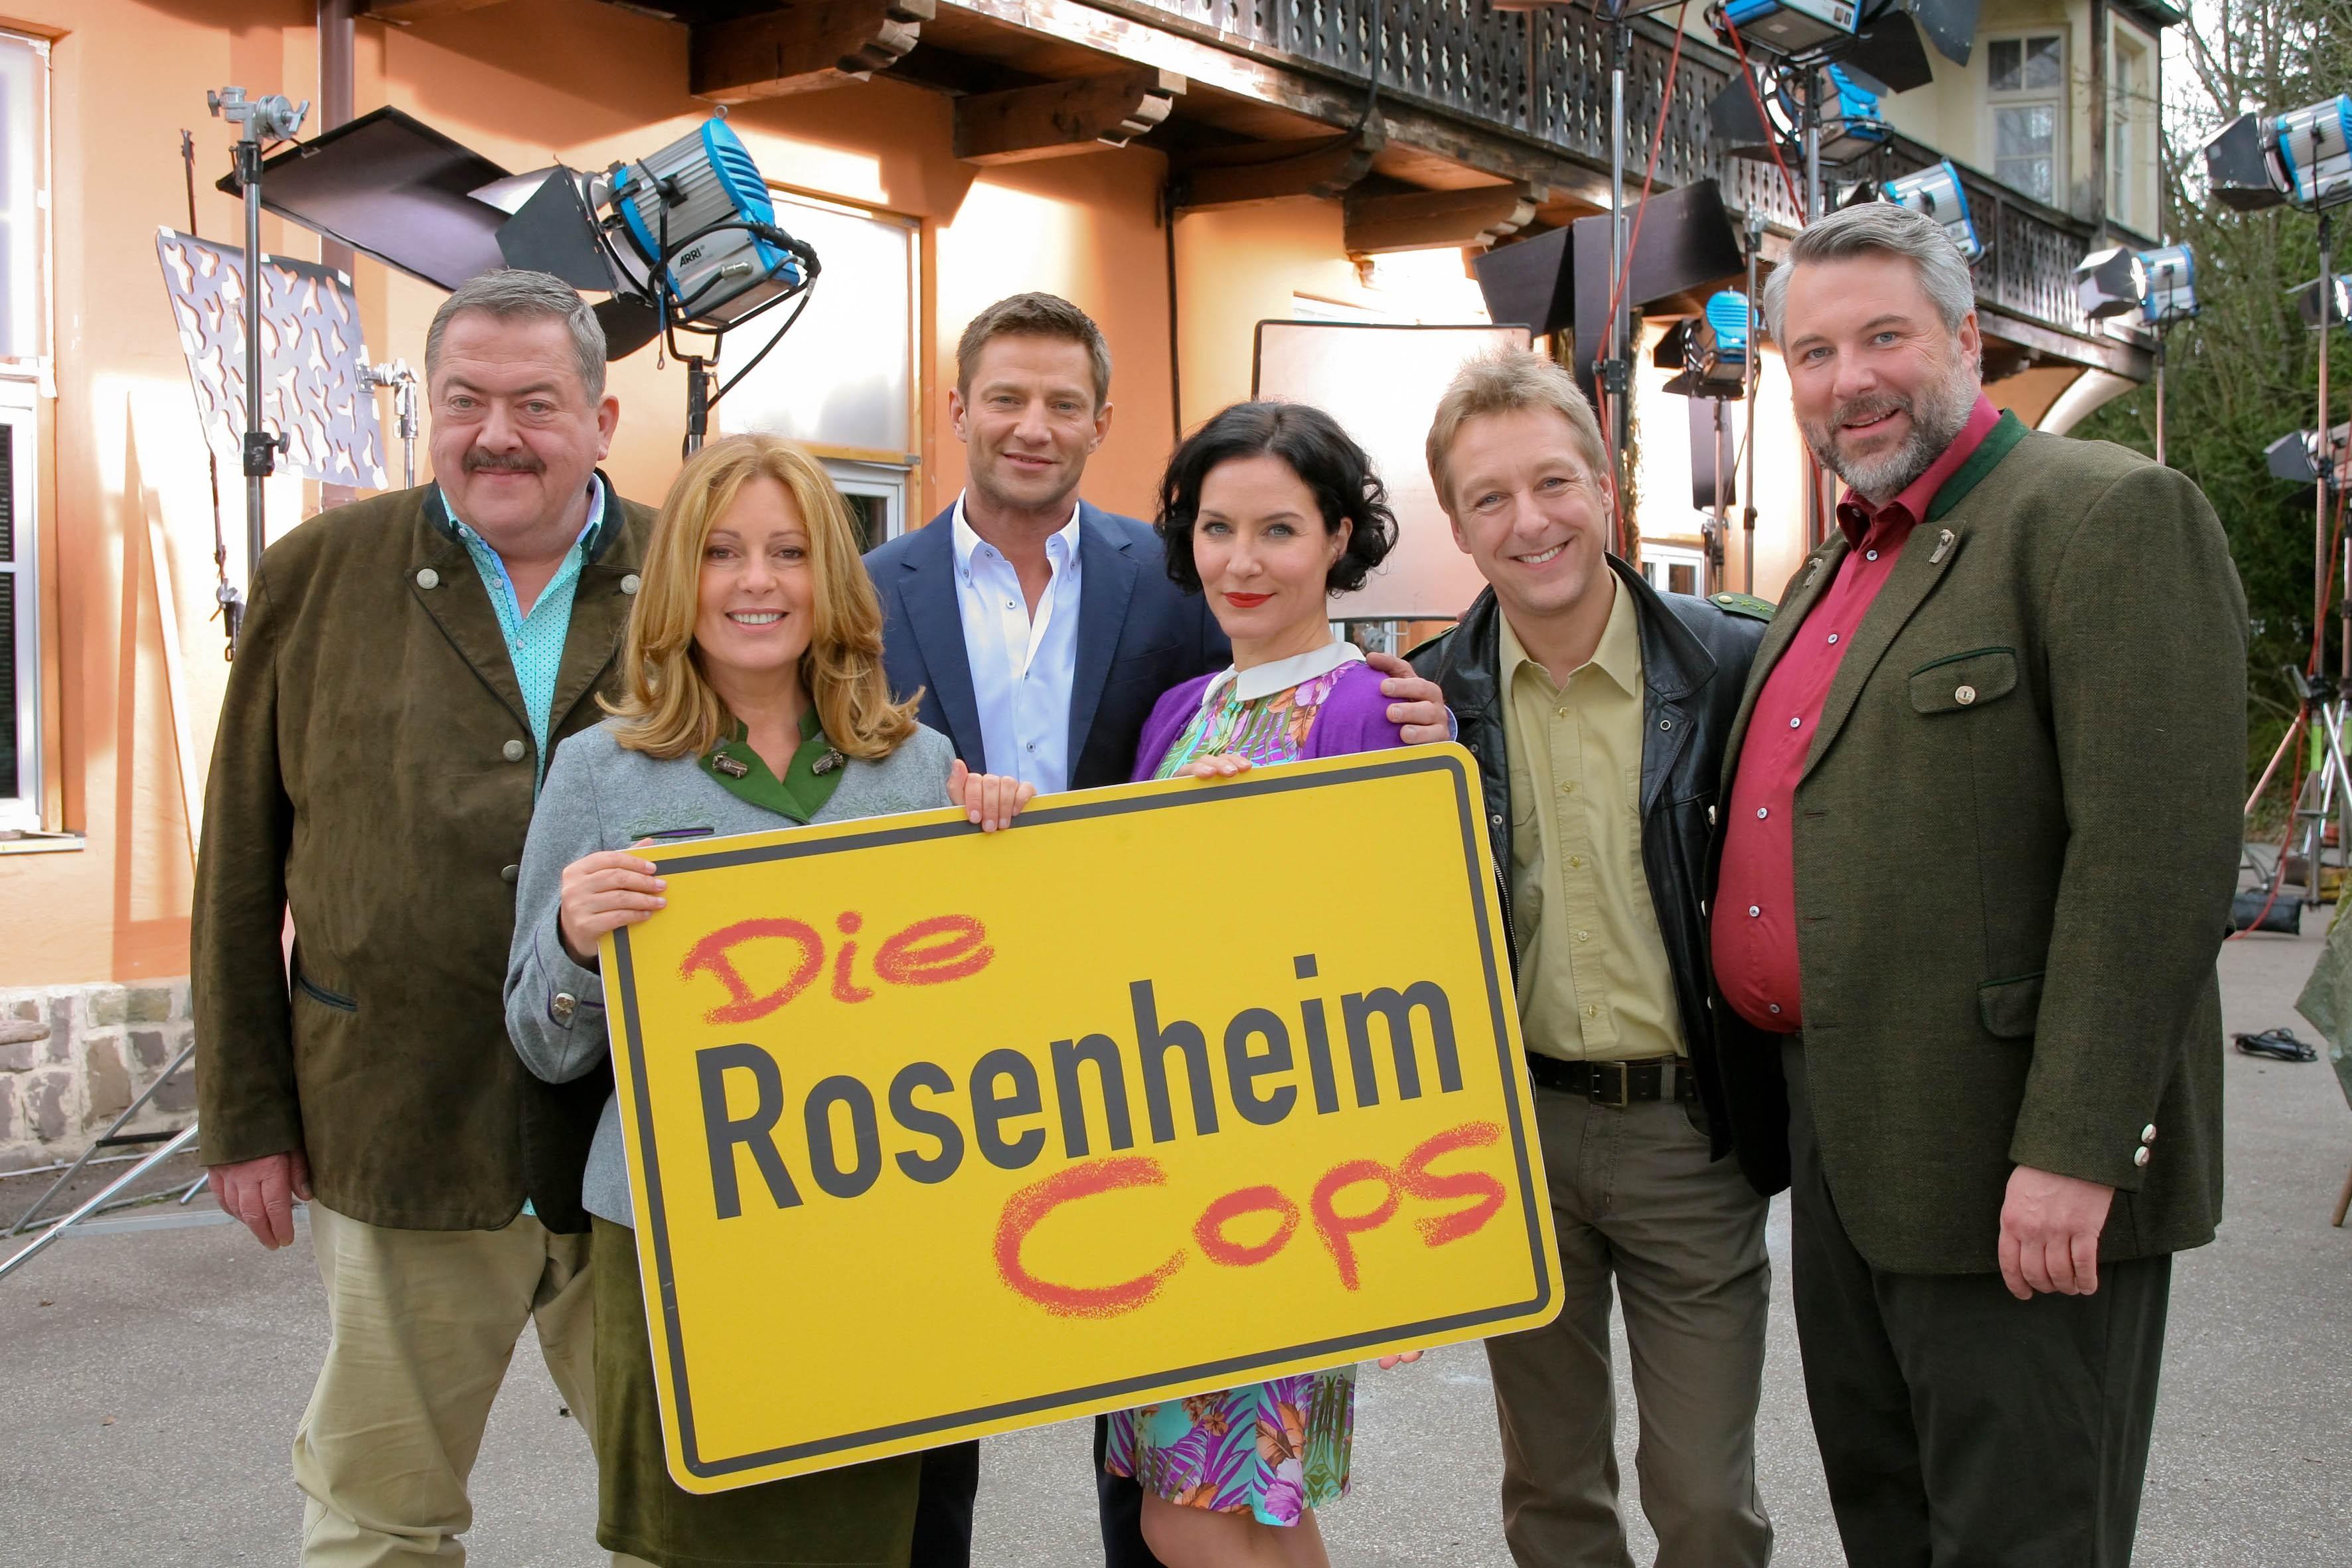 rosenheim cops neue folgen